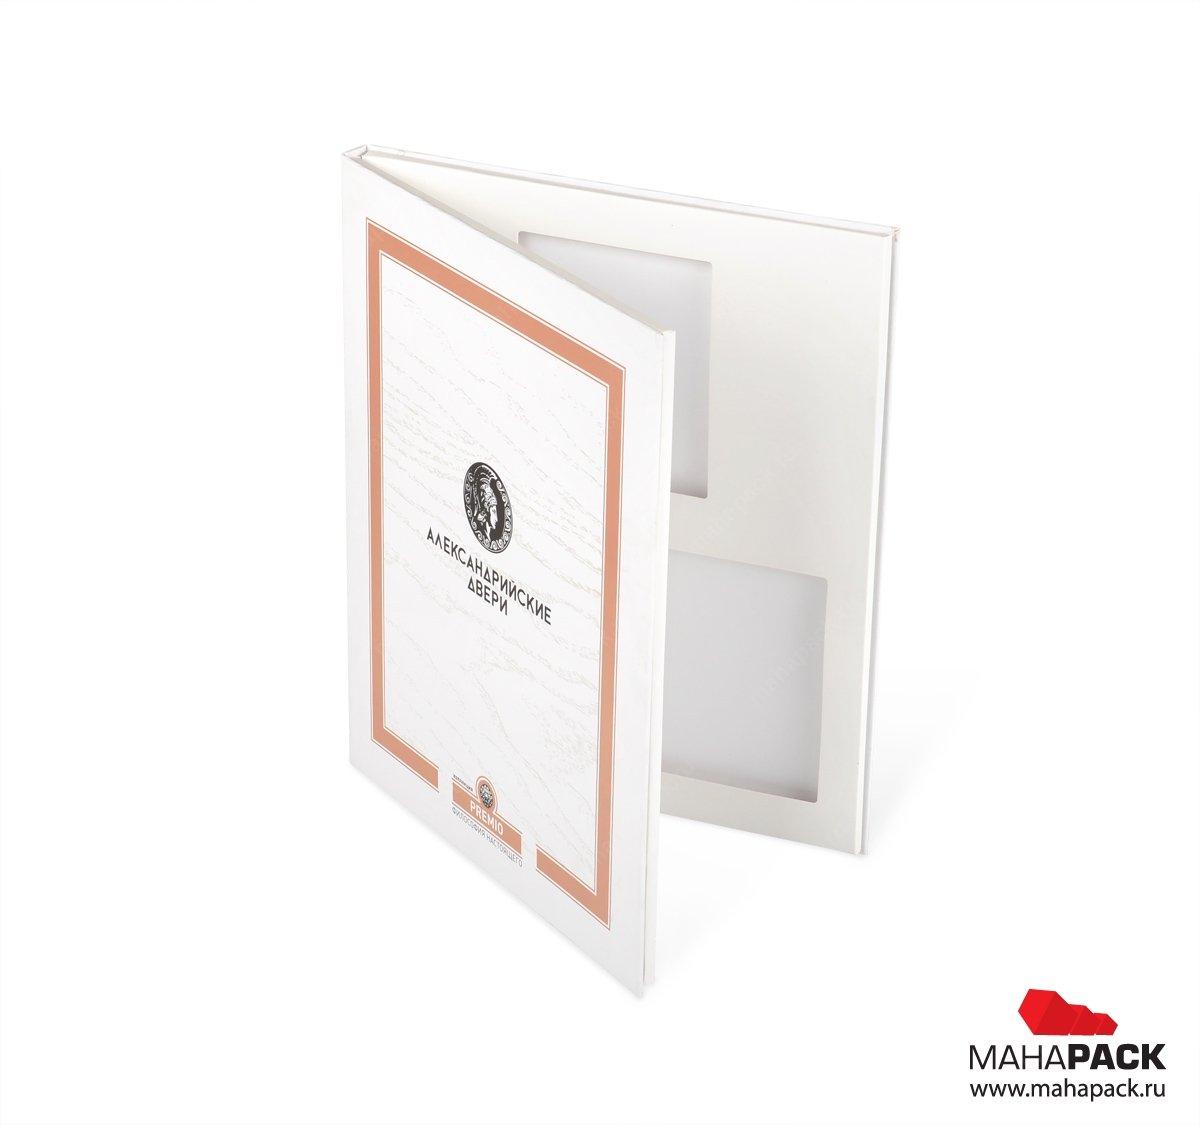 Папка с офсетной печатью для образцов продукции